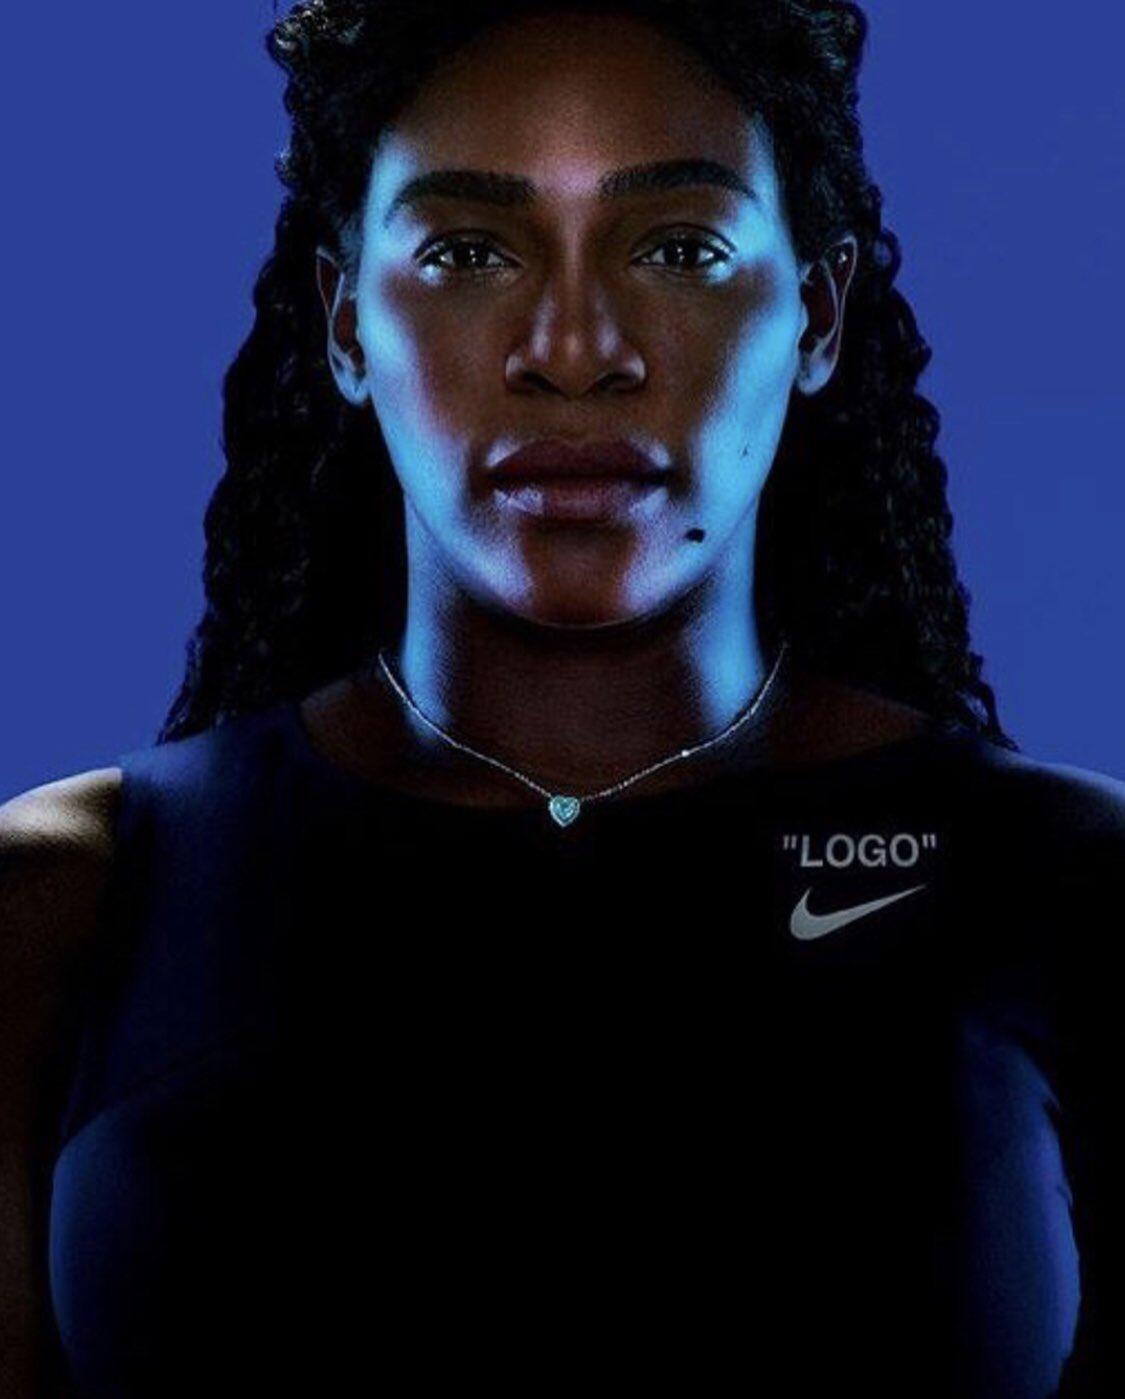 """""""QUEEN"""" @Nike  @nikewomen  @Nikecourt  @virgilabloh https://t.co/91SRvLfpt2"""